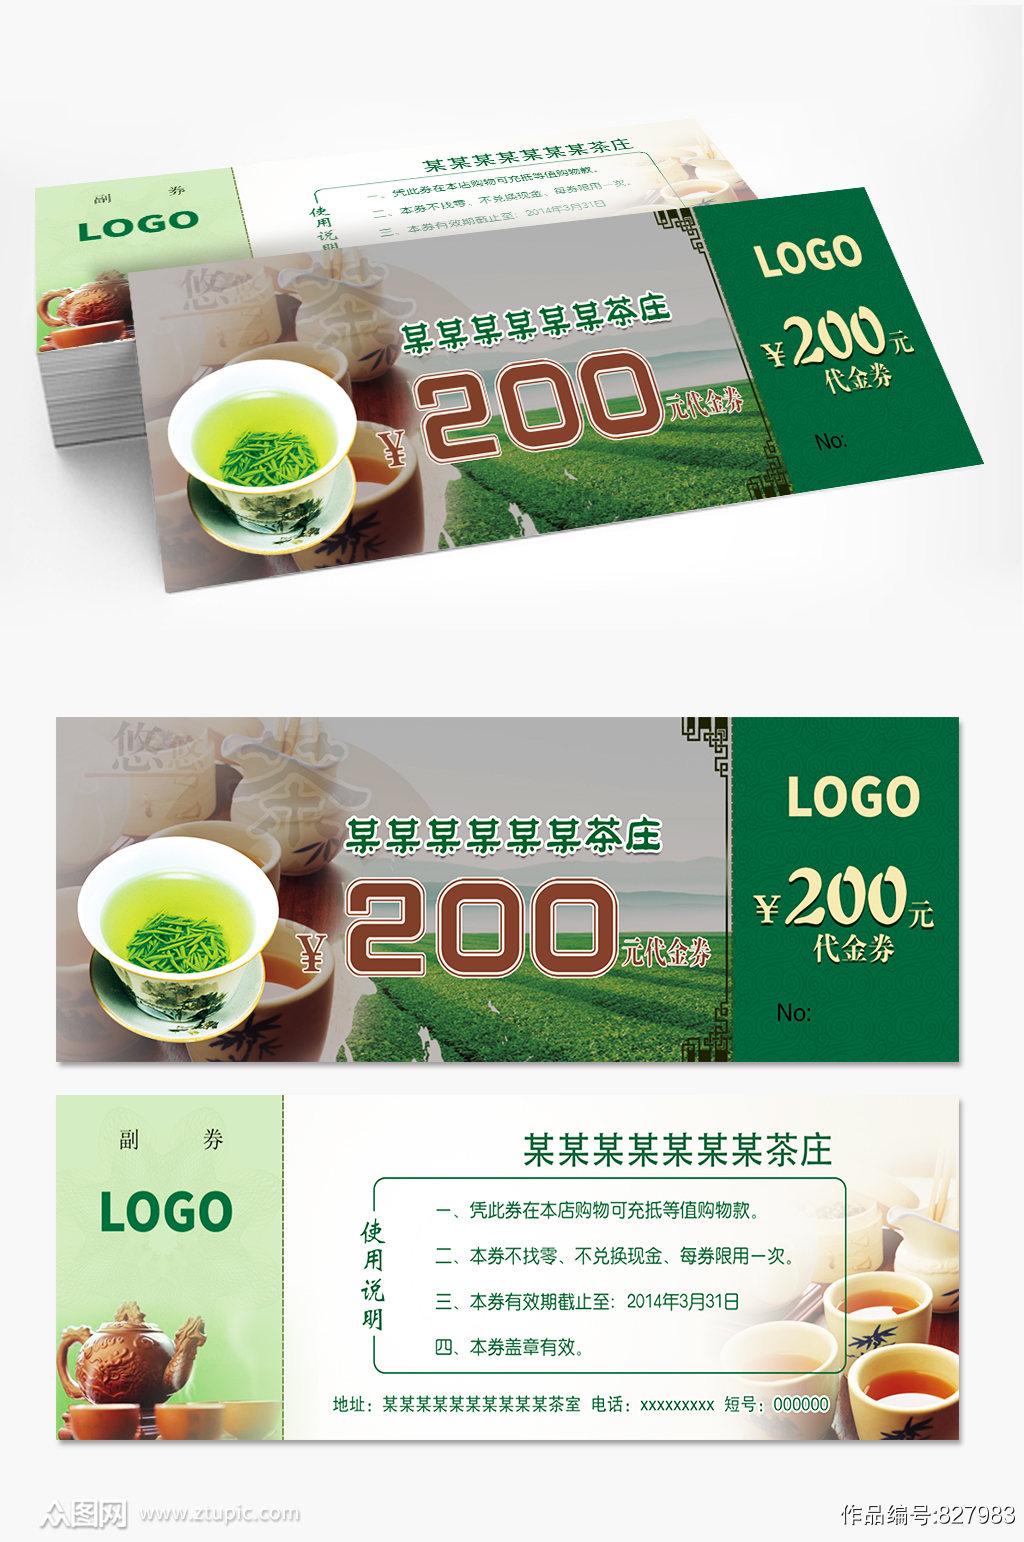 绿色茶庄高端代金券设计素材